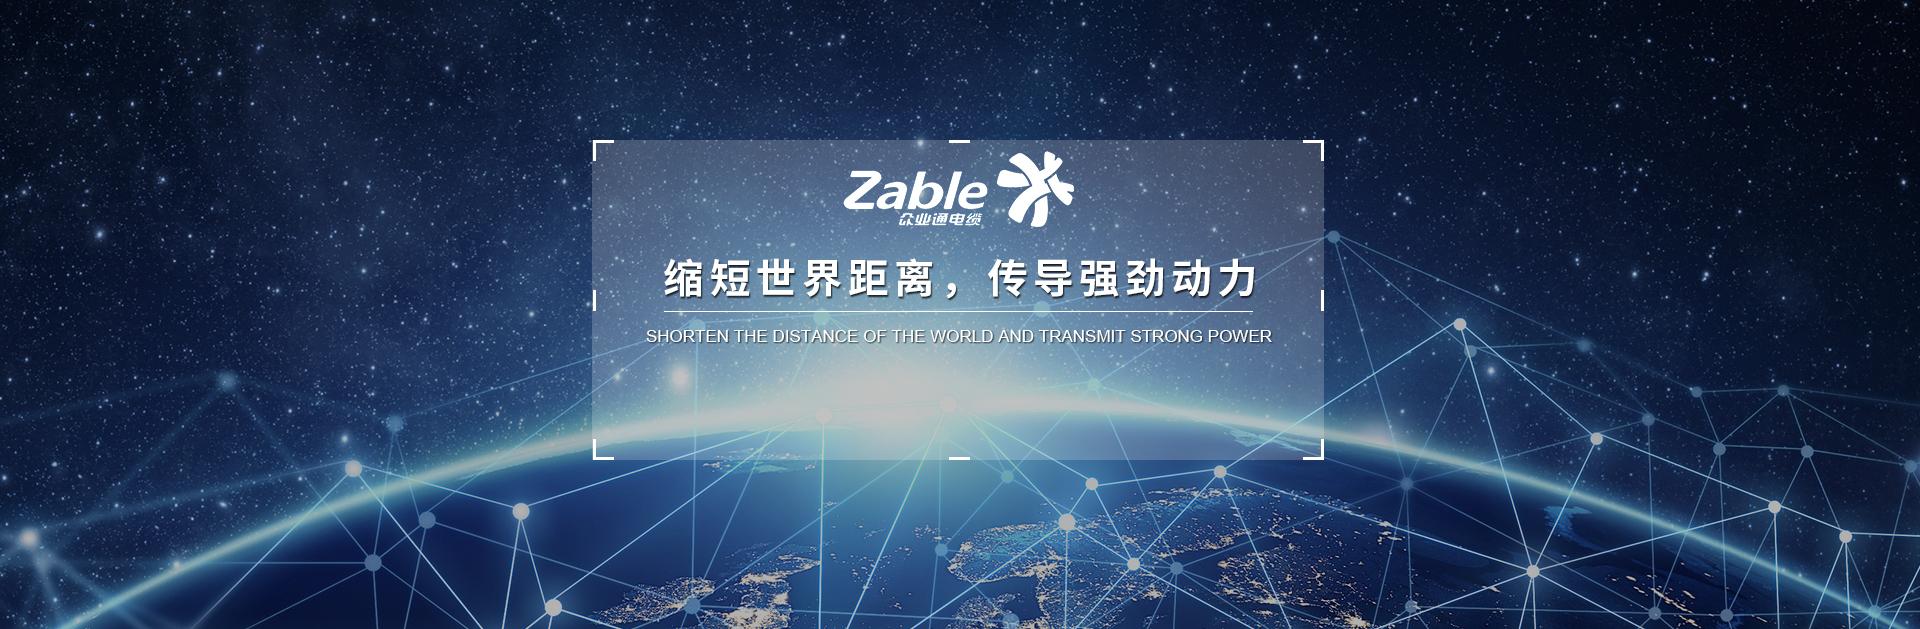 上海茄子app電纜股份有限公司